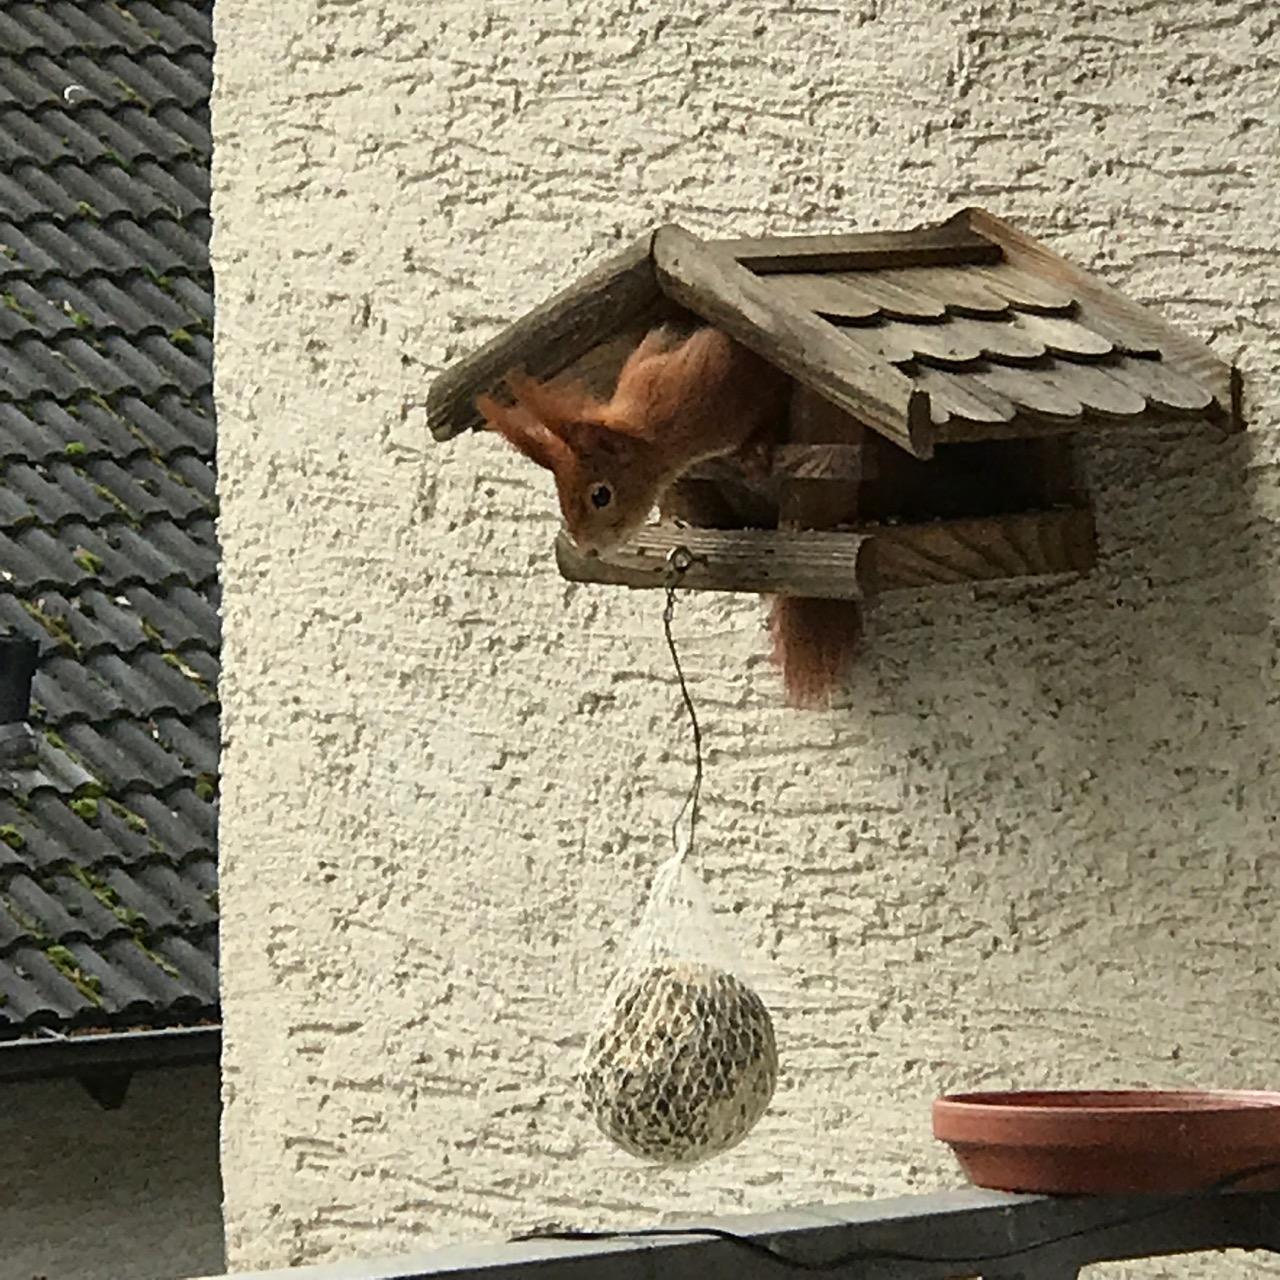 Eichhörnchen guckt aus dem Vogelhaus